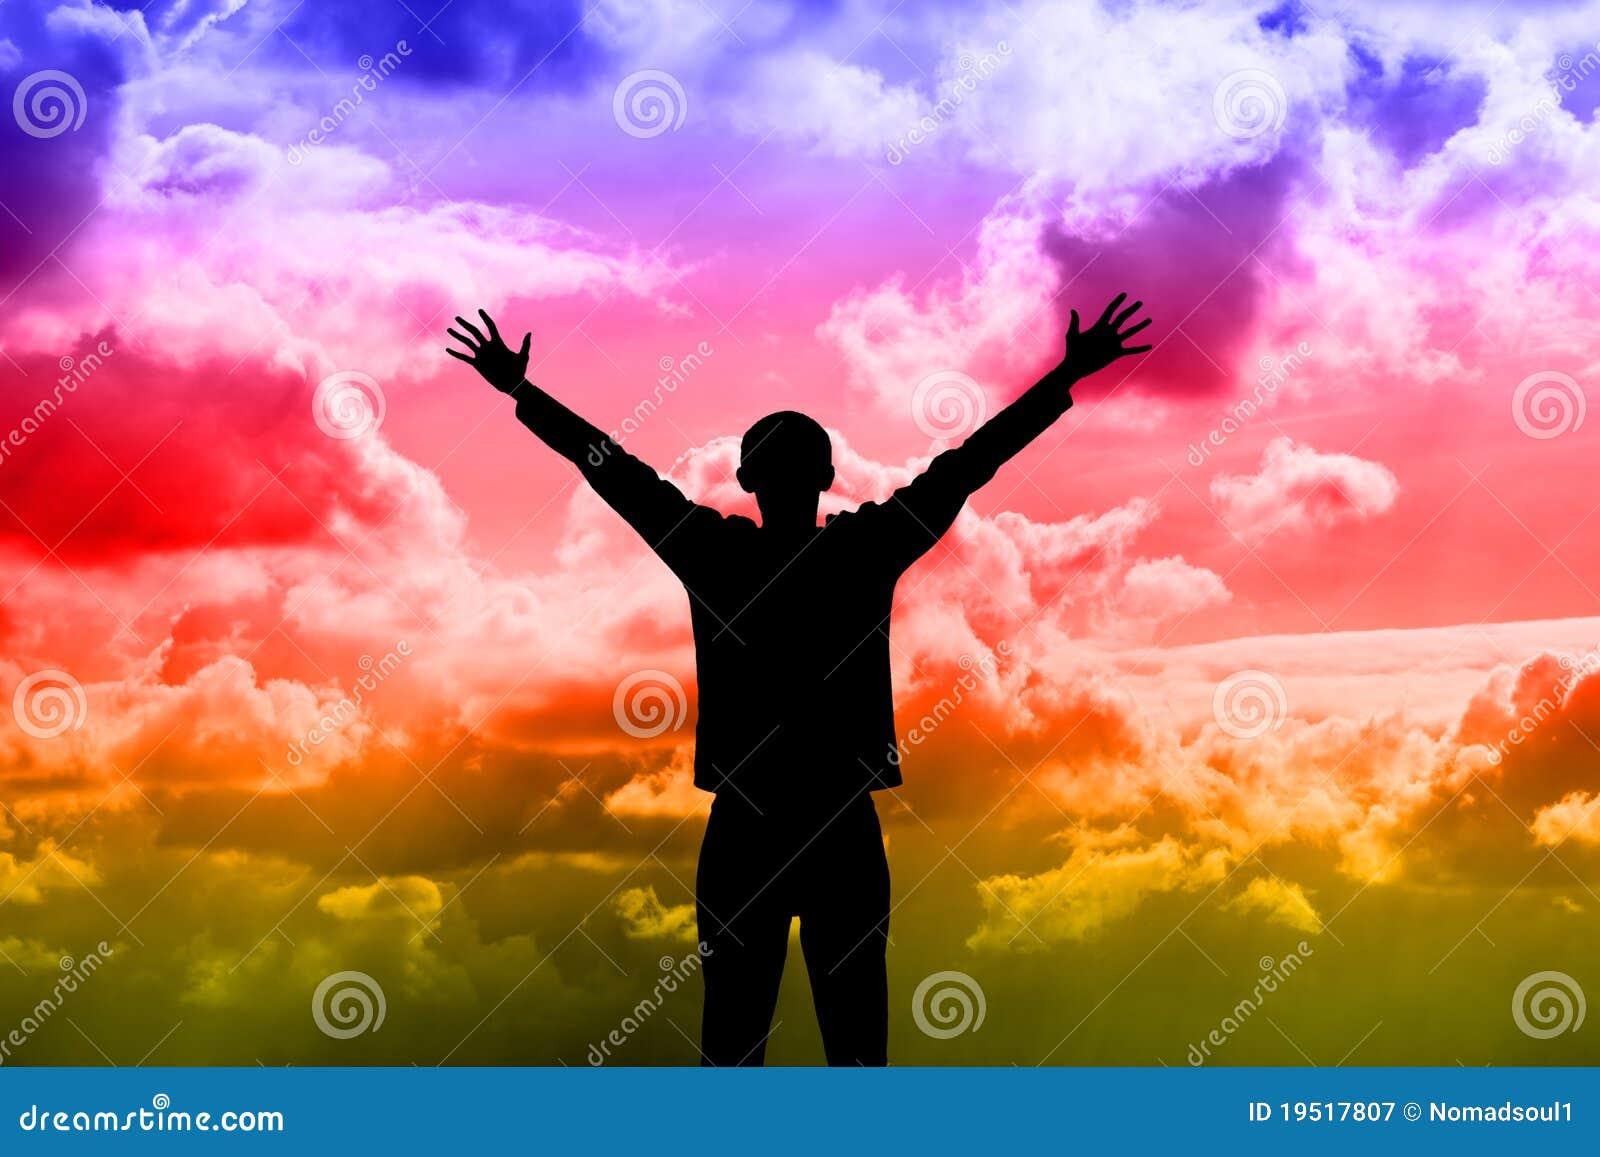 Silhueta do homem de encontro ao céu dramático